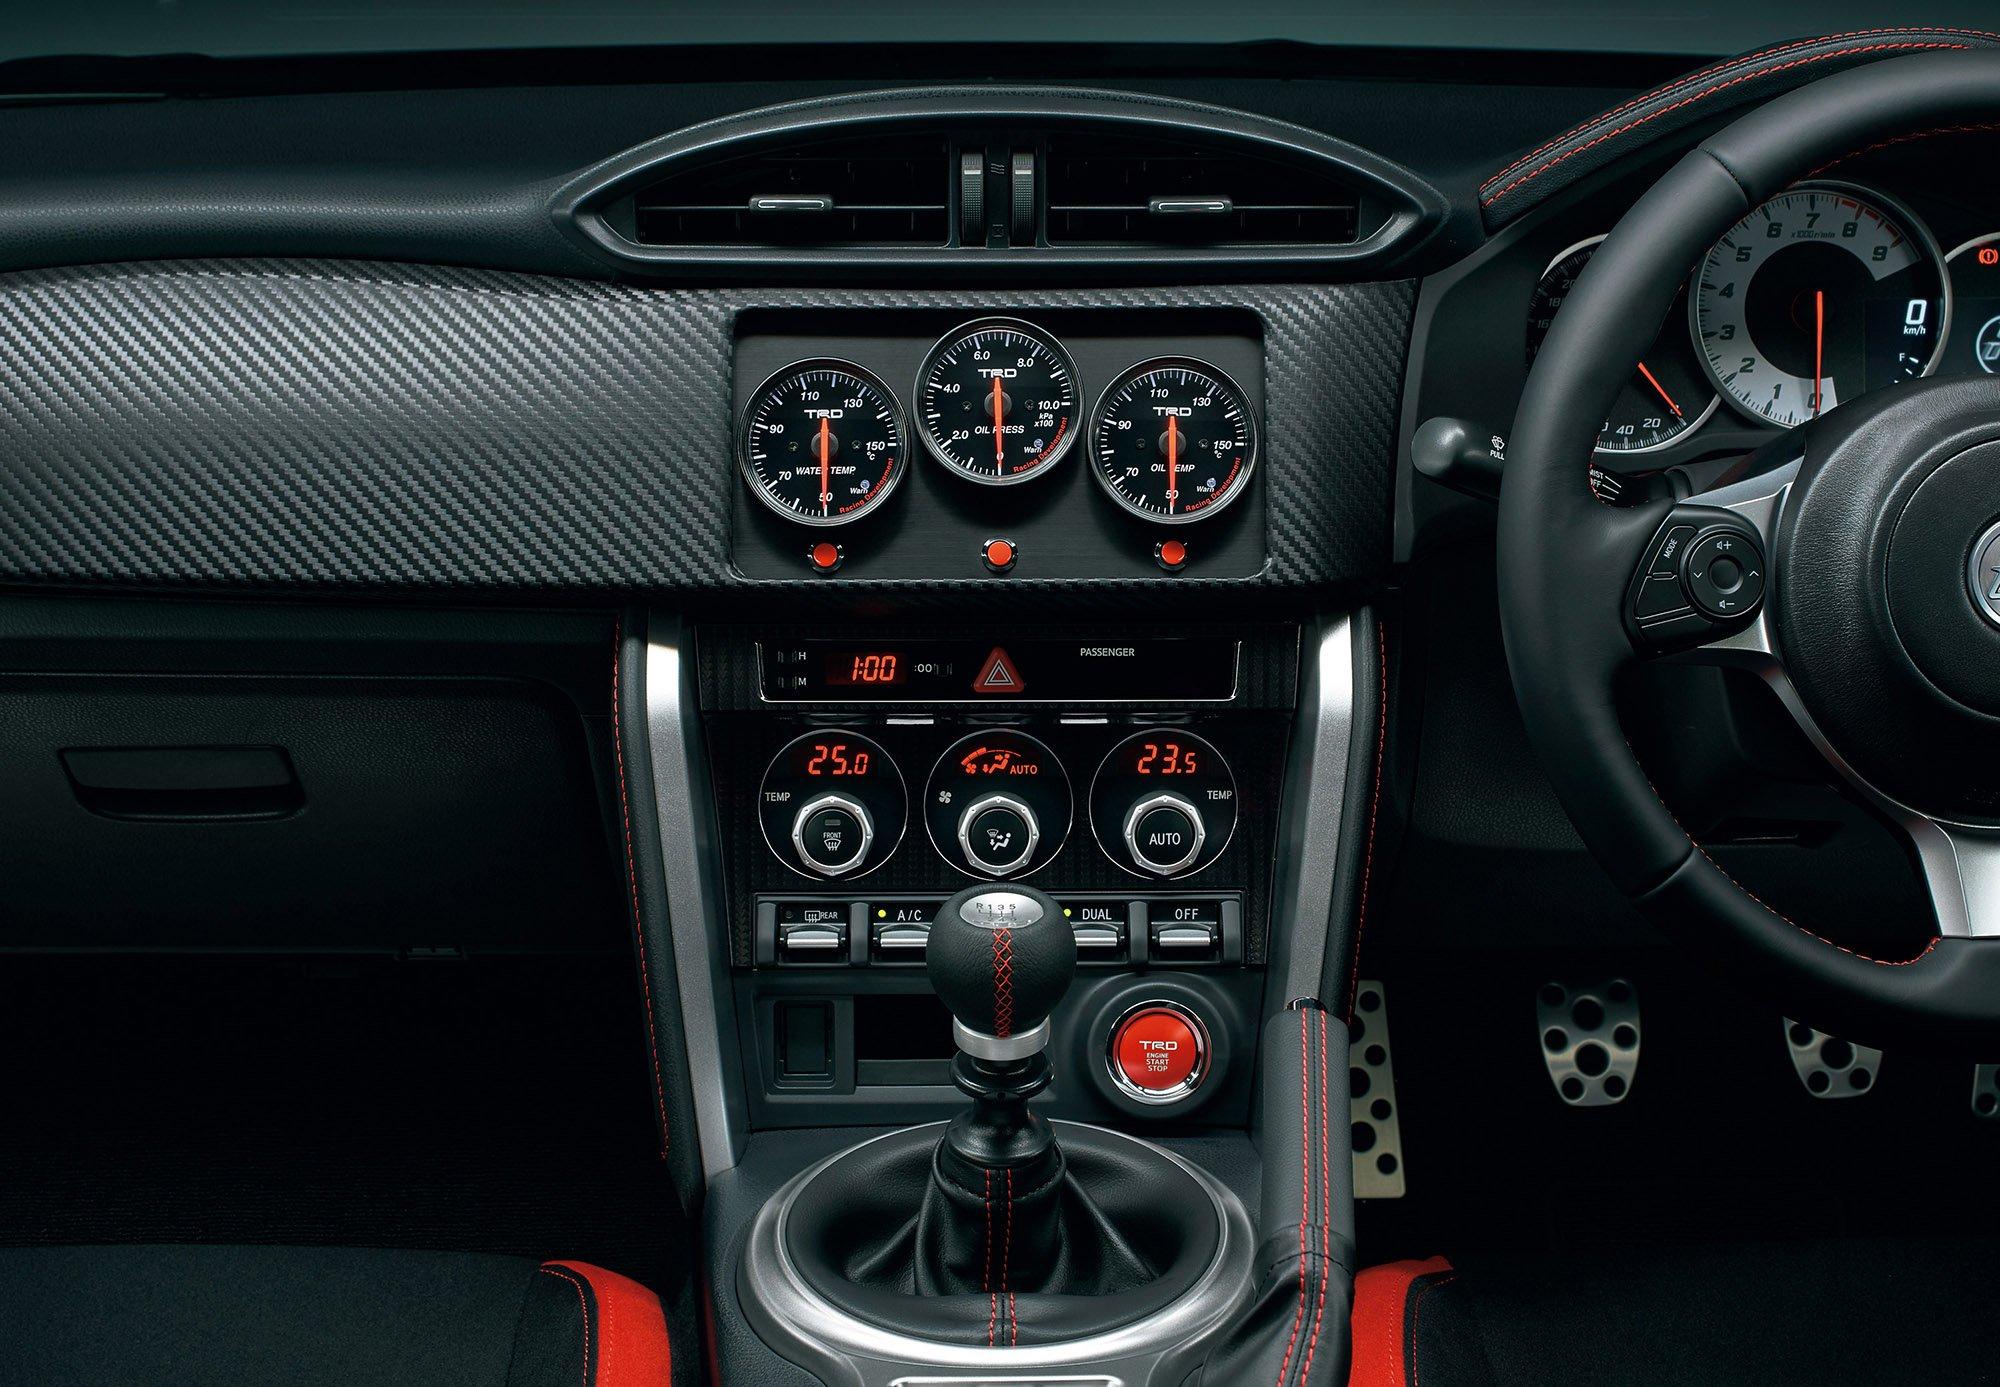 parts prevnext toyota ideas design x pickup com interior sristicabletv